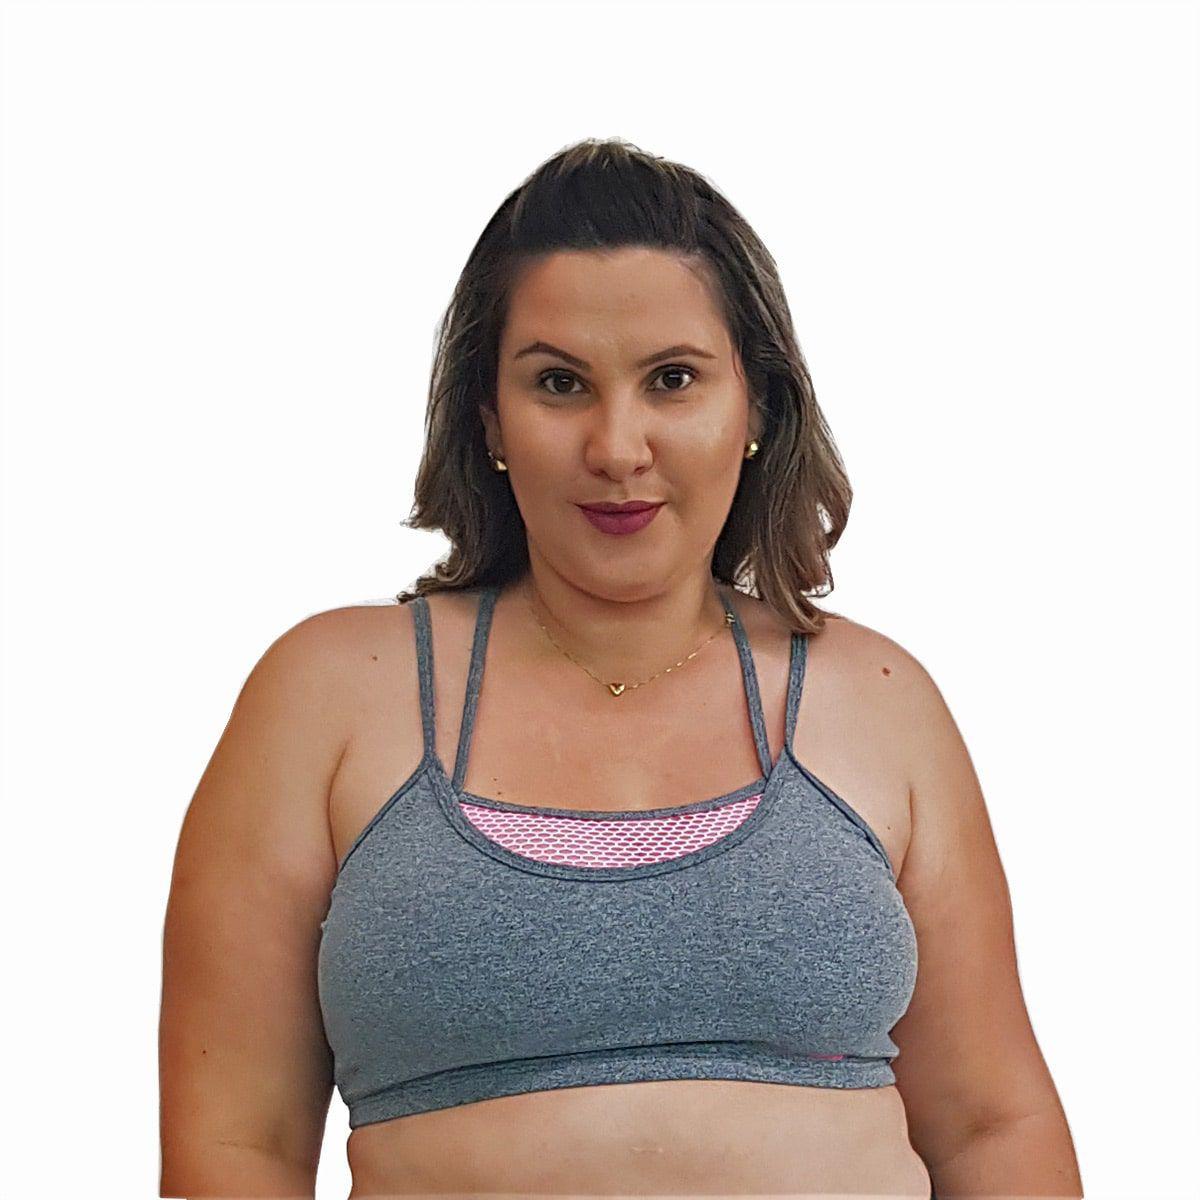 Top Fitness Plus Size com Alças Finas Duplas Cinza e Detalhe em Tela Rosa